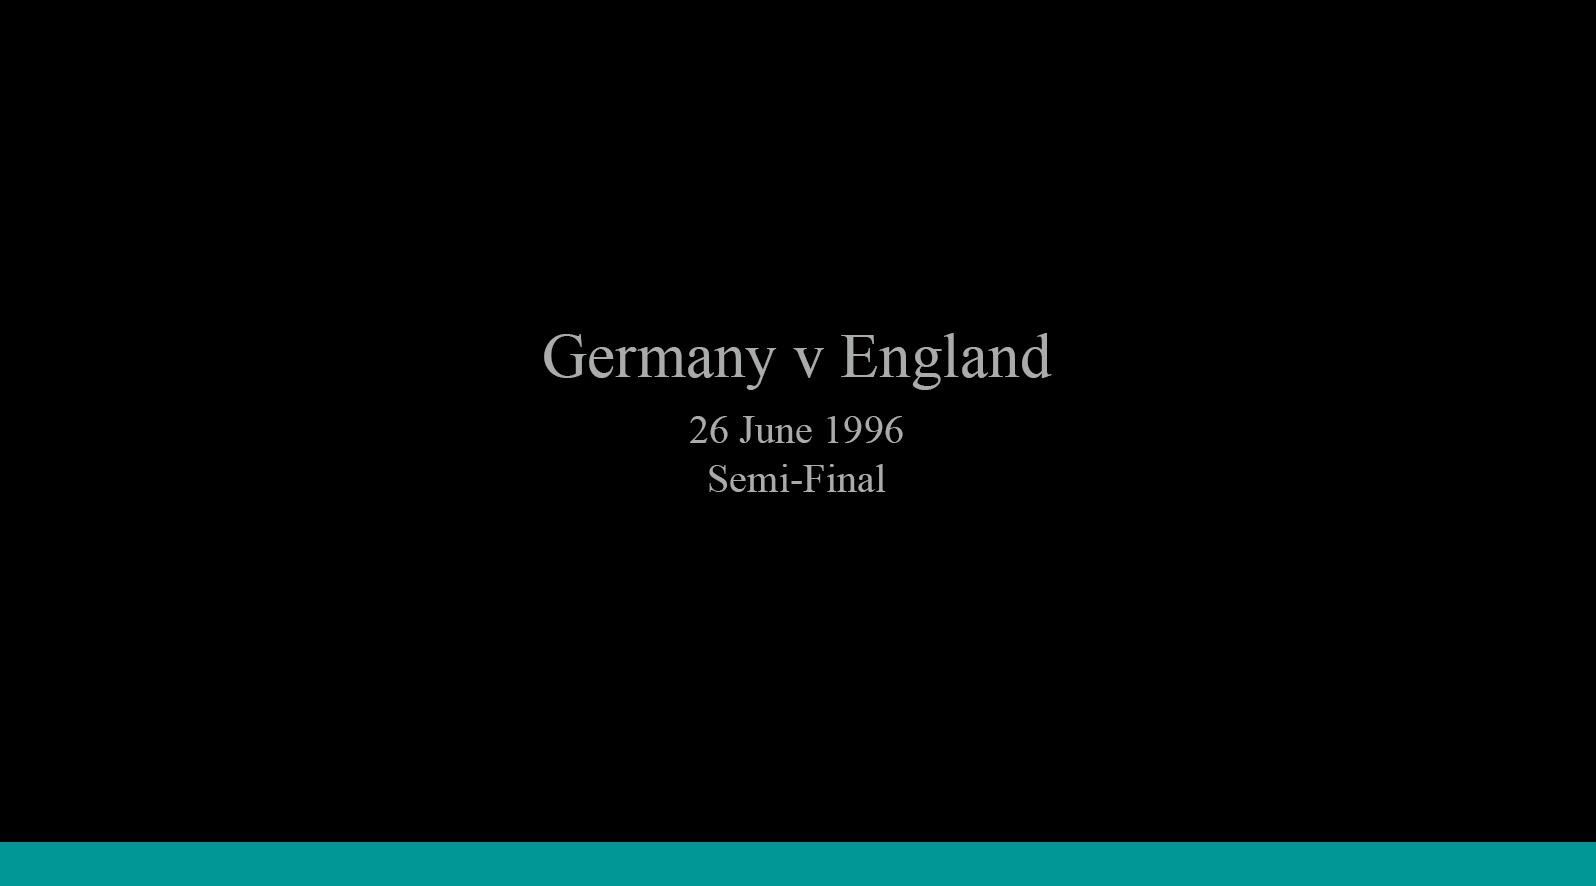 Euro-96-When-Football-Came-Home-Carousel-5